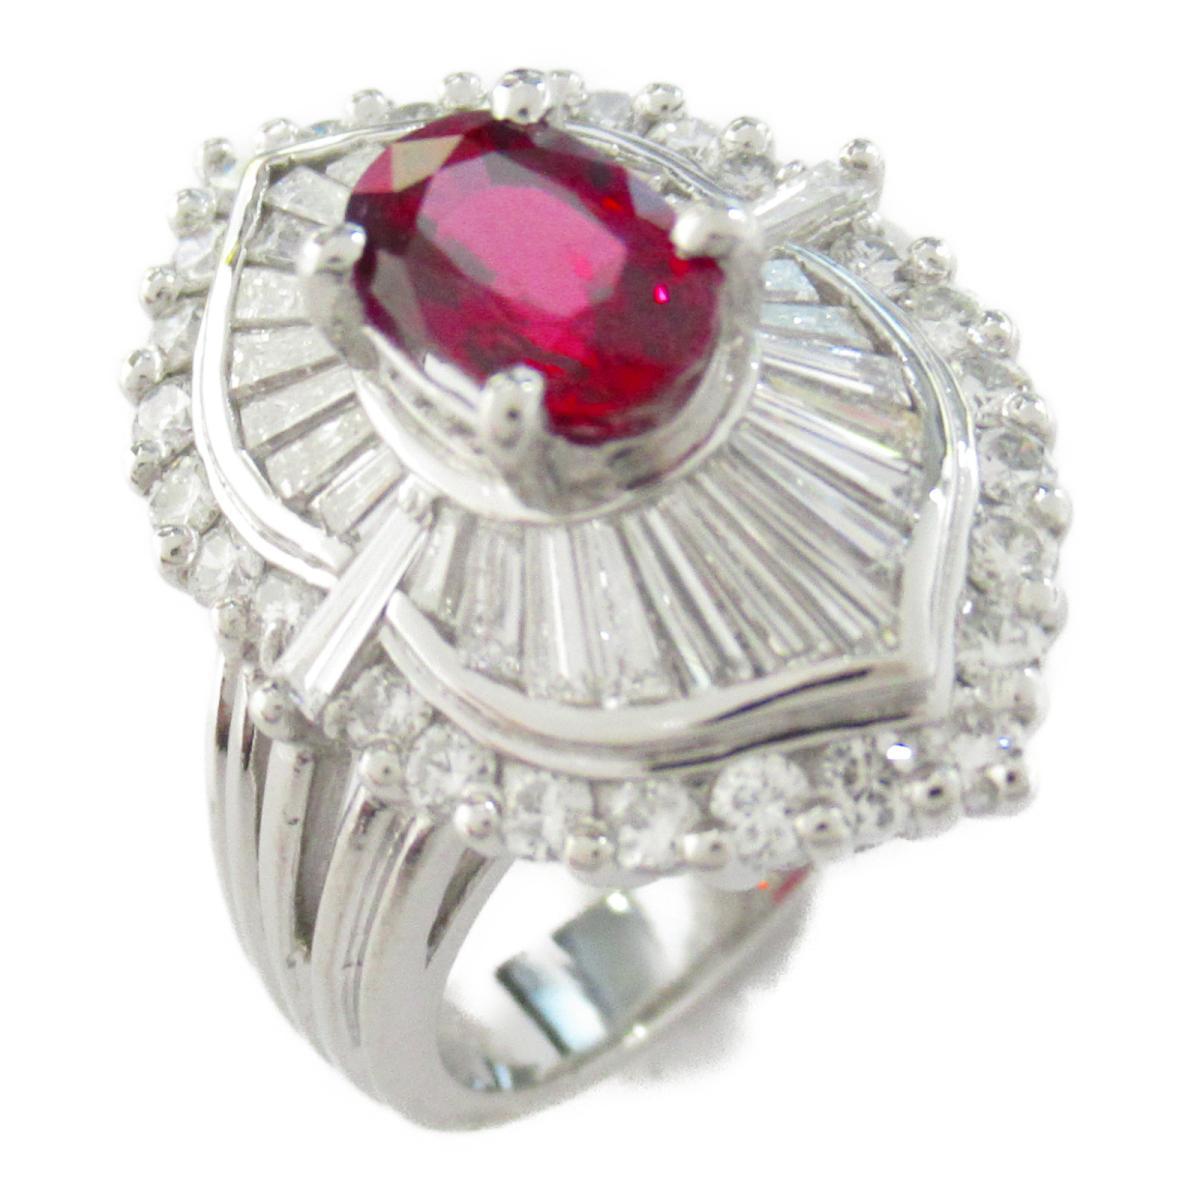 【中古】ジュエリー ルビー ダイヤモンド リング 指輪 レディース PT900 プラチナ x ルビー1.42/ダイヤモンド1.31ct